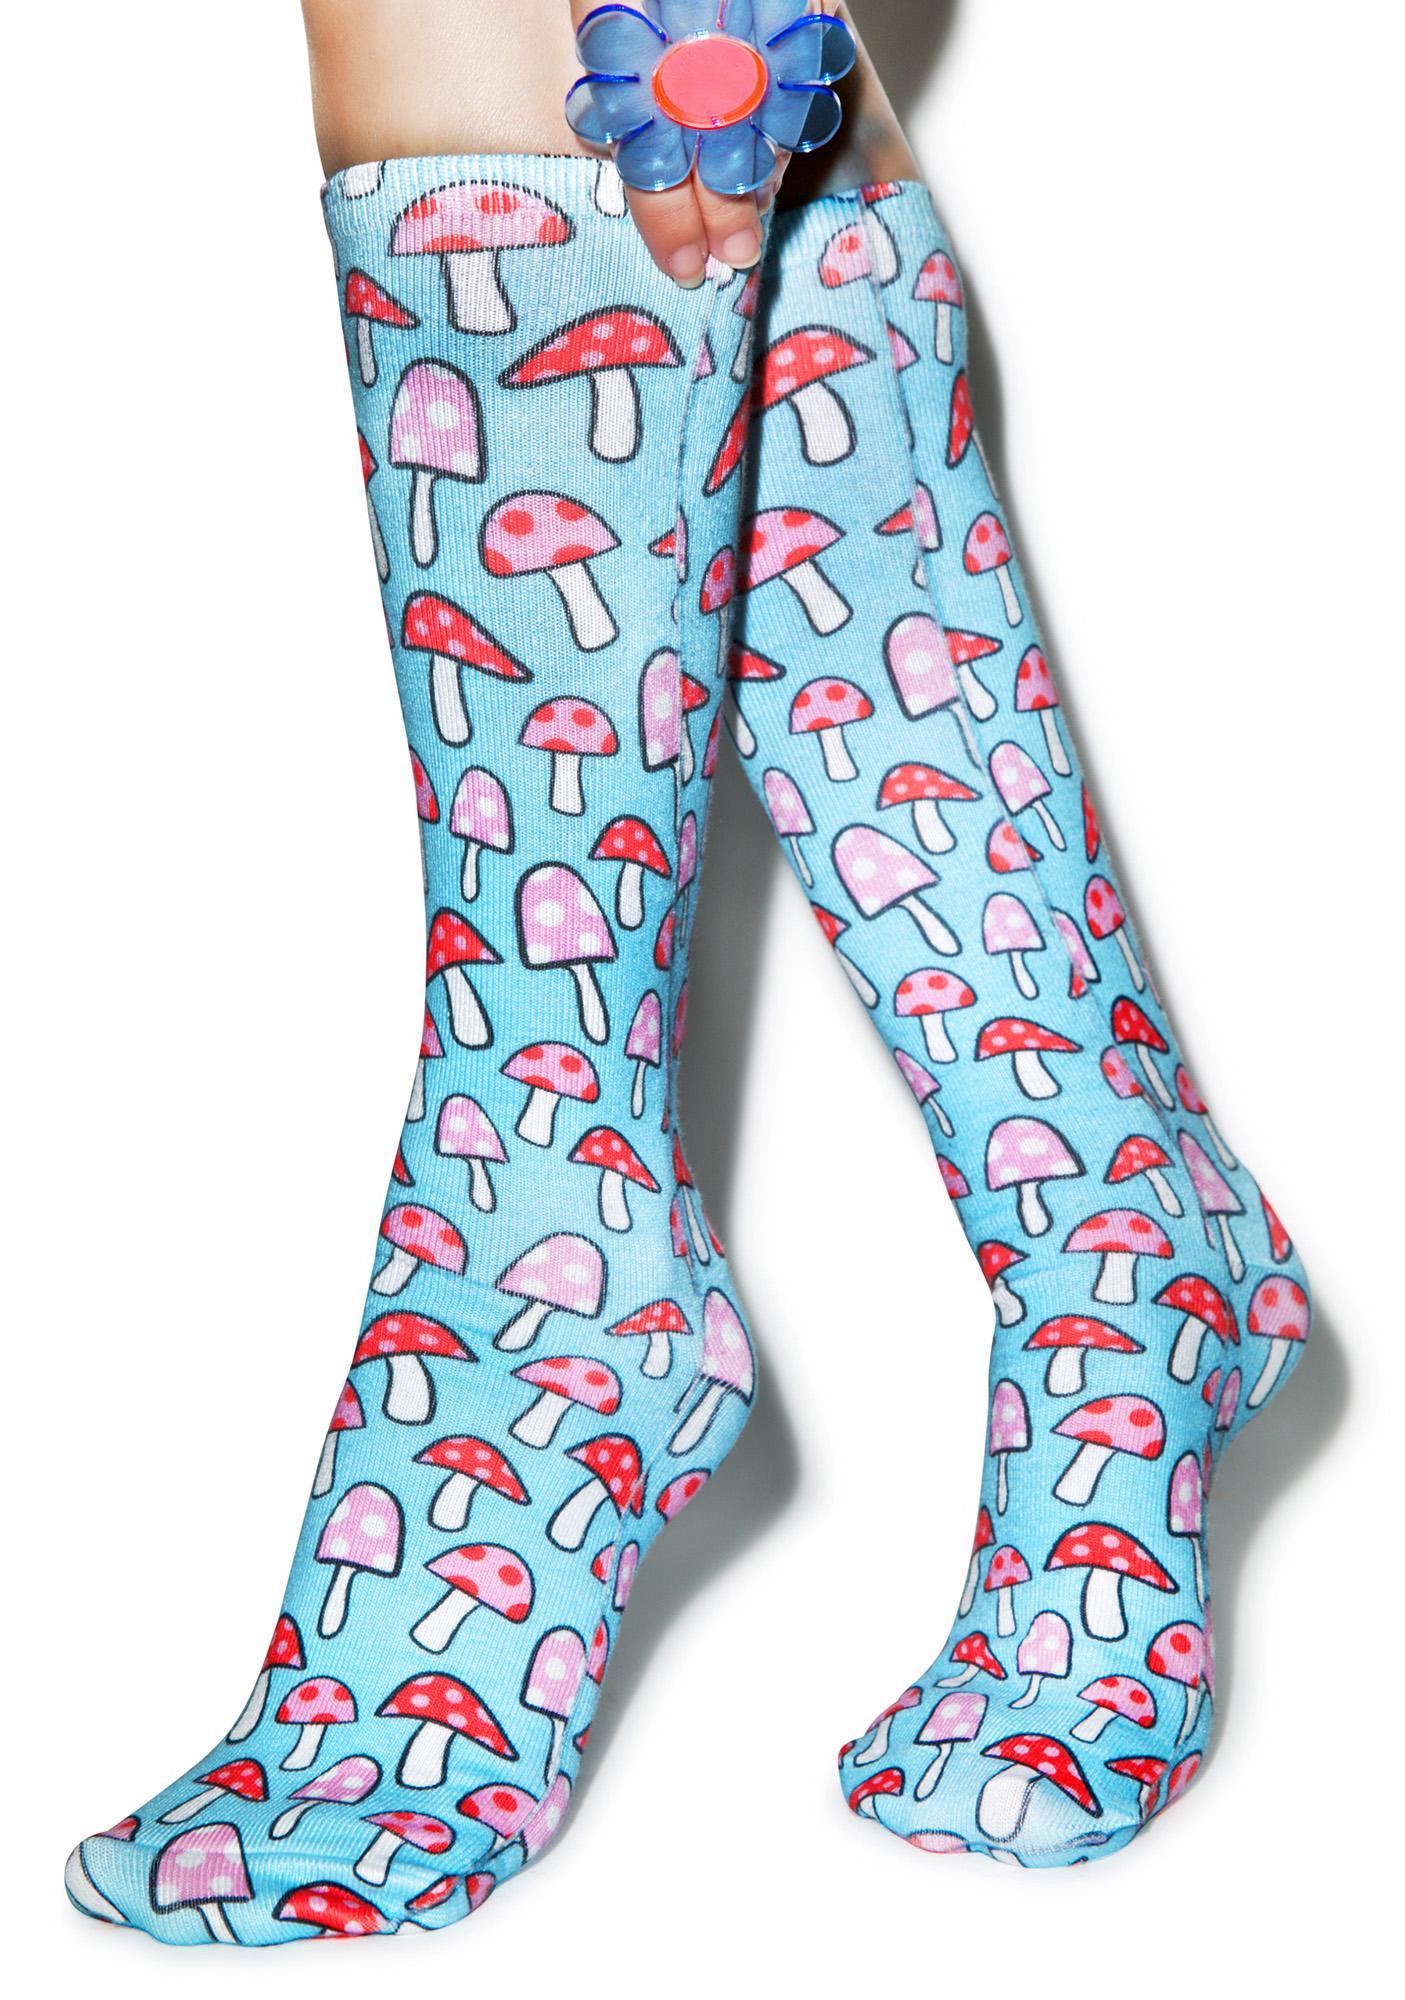 Shroomy Knee High Socks